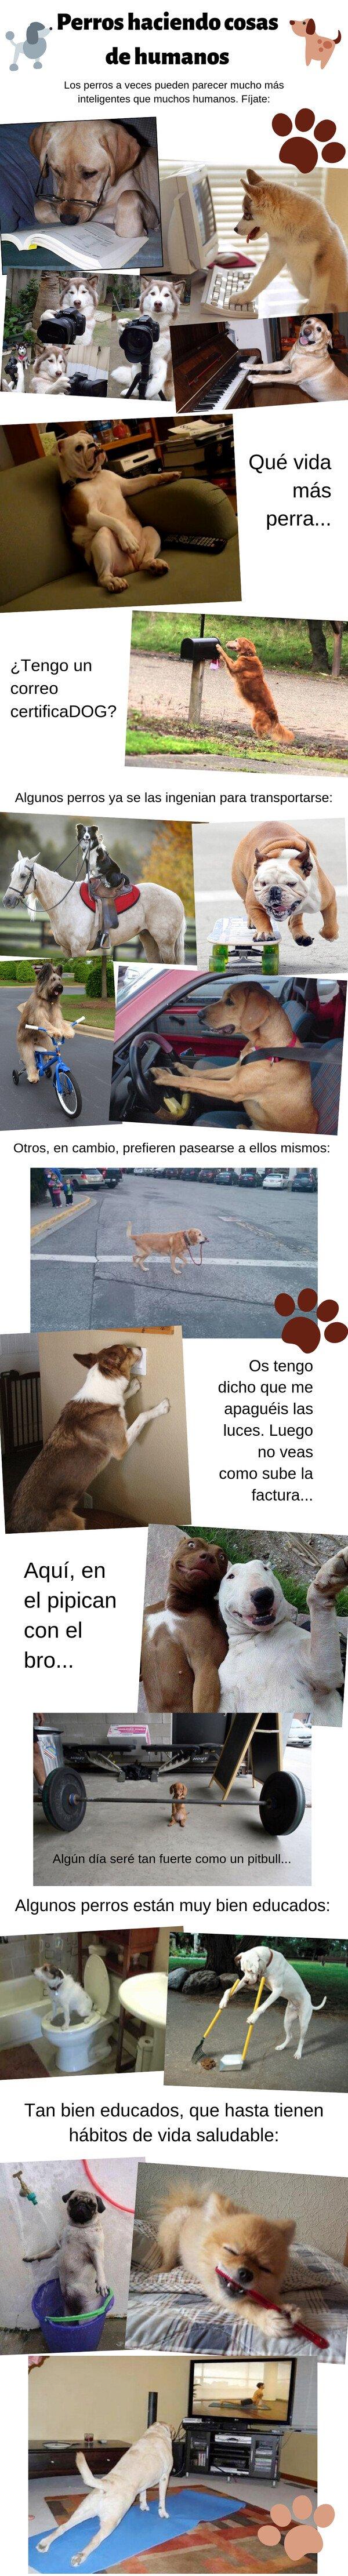 Meme_otros - Perros haciendo cosas de humanos